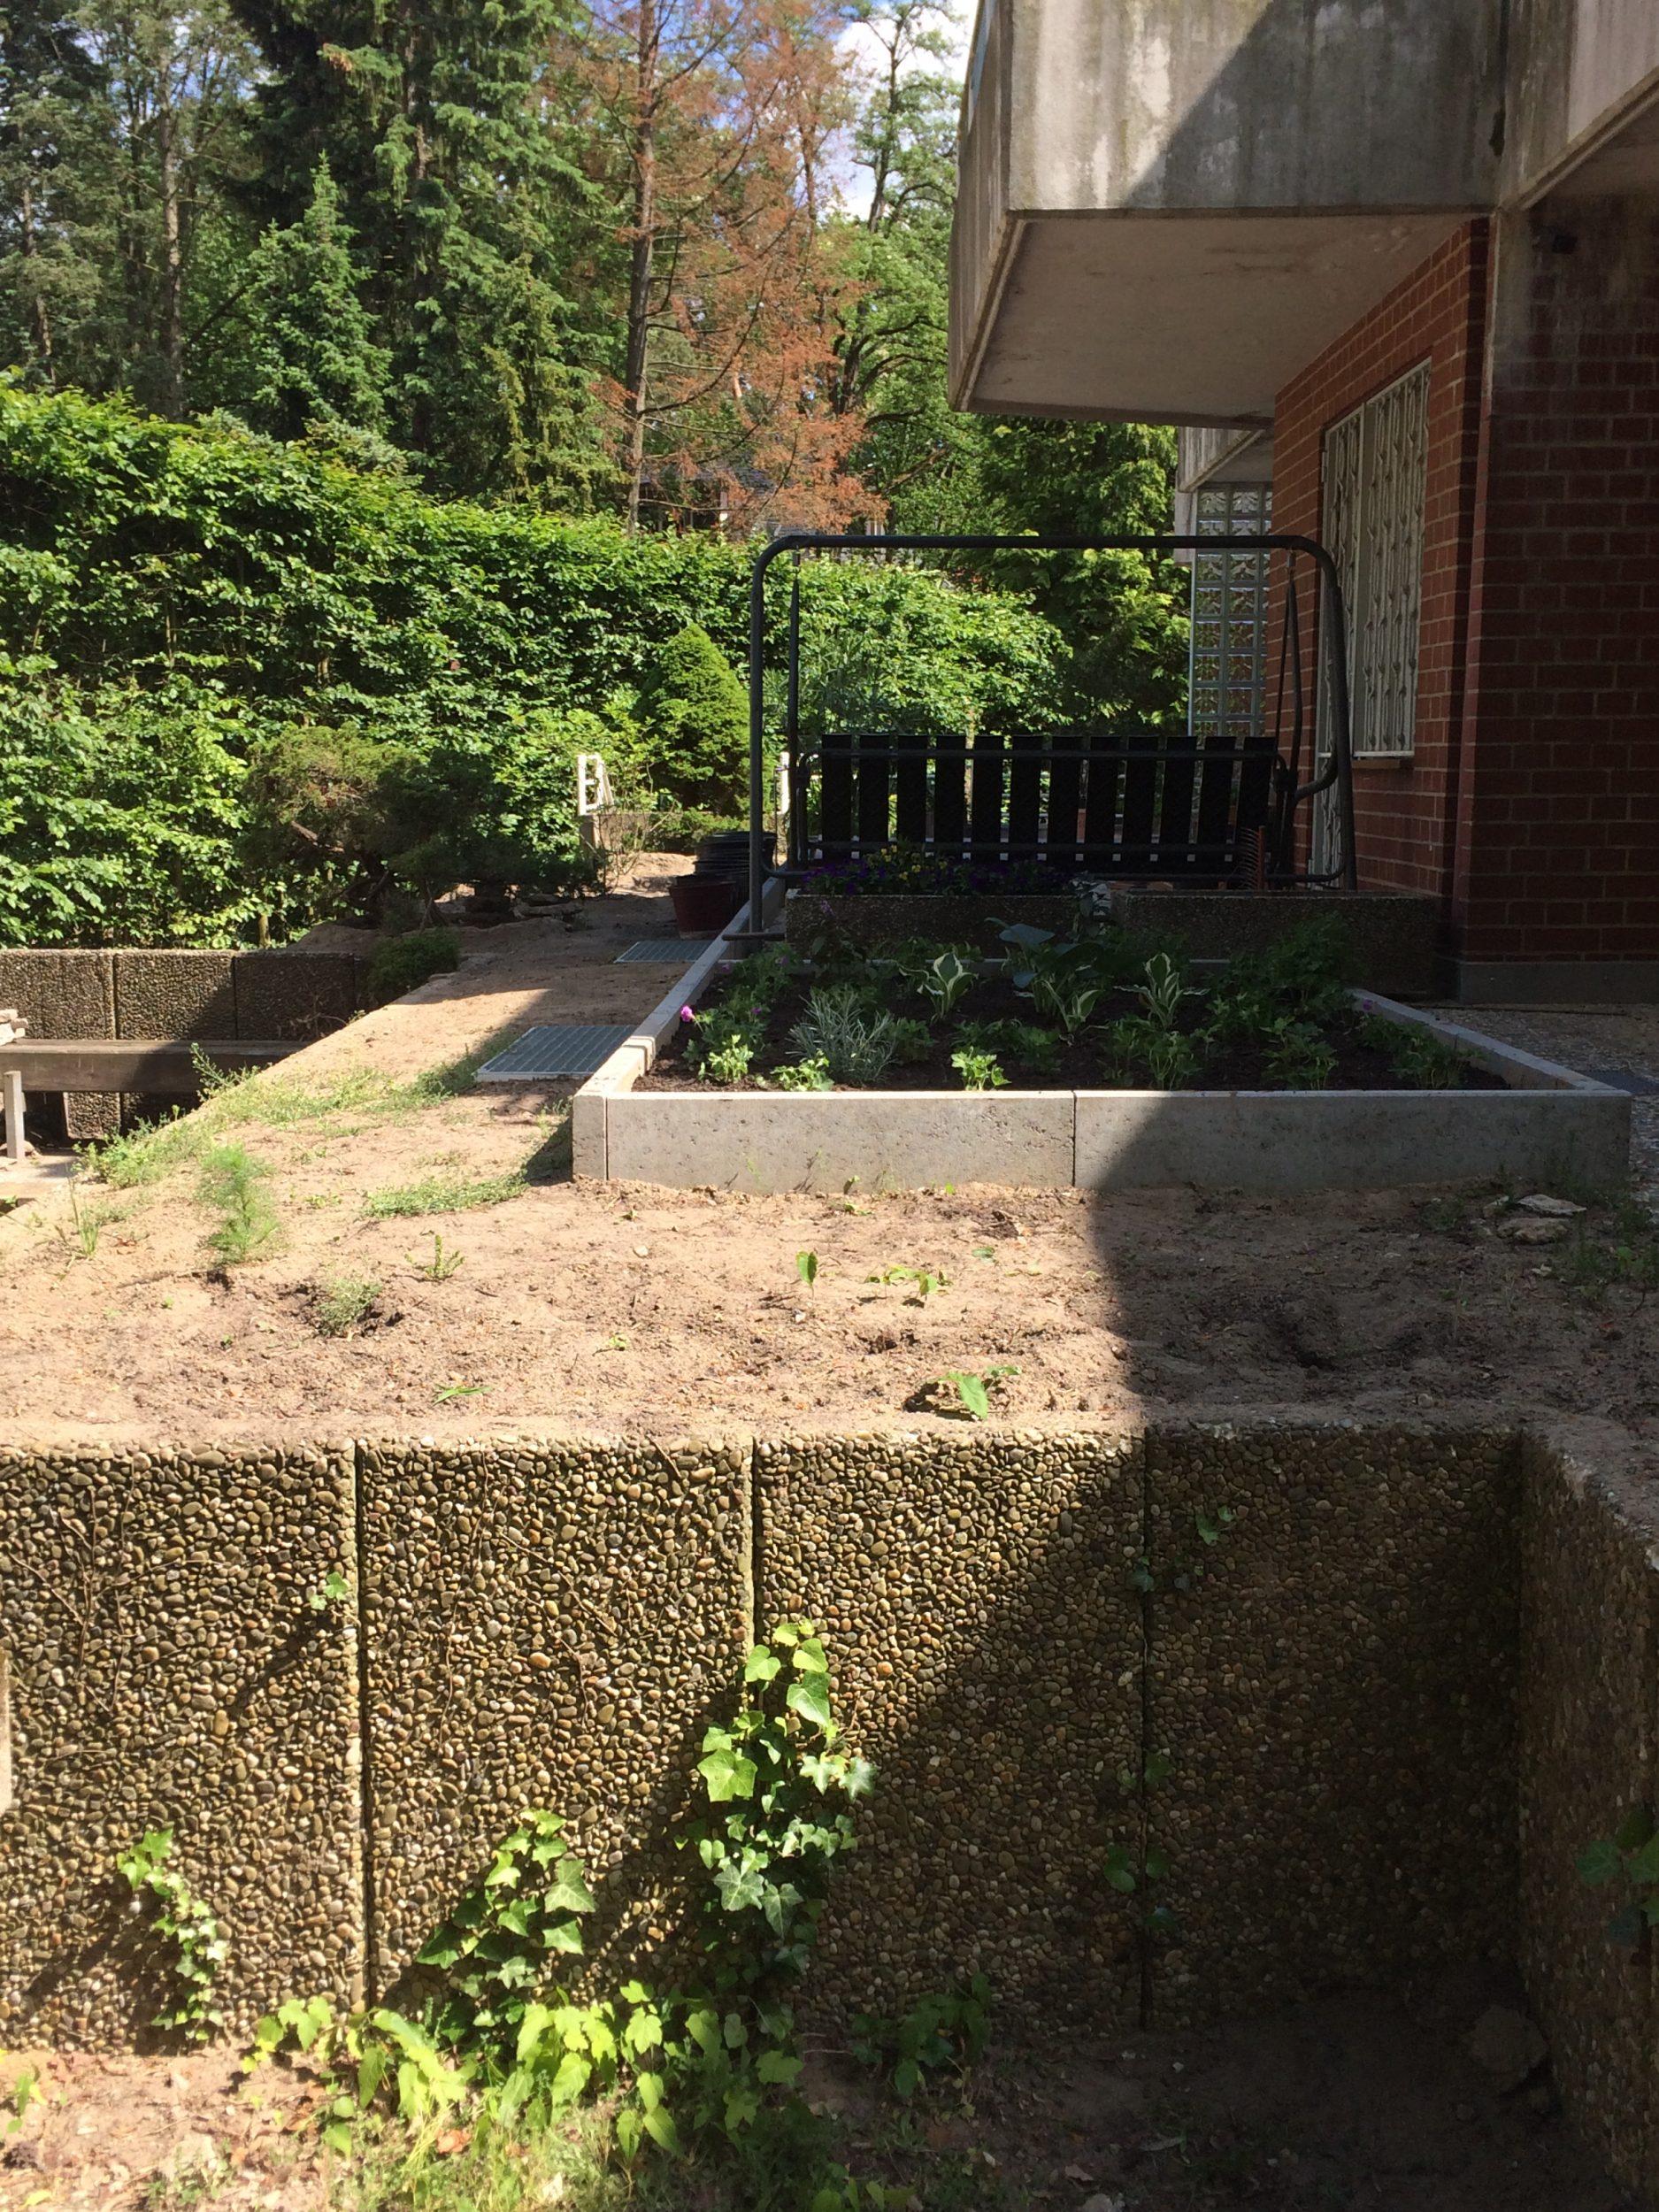 Umgestaltung von Gärten in Berlin: Begrünung mit Gehölzen und immergrünen Bäumen